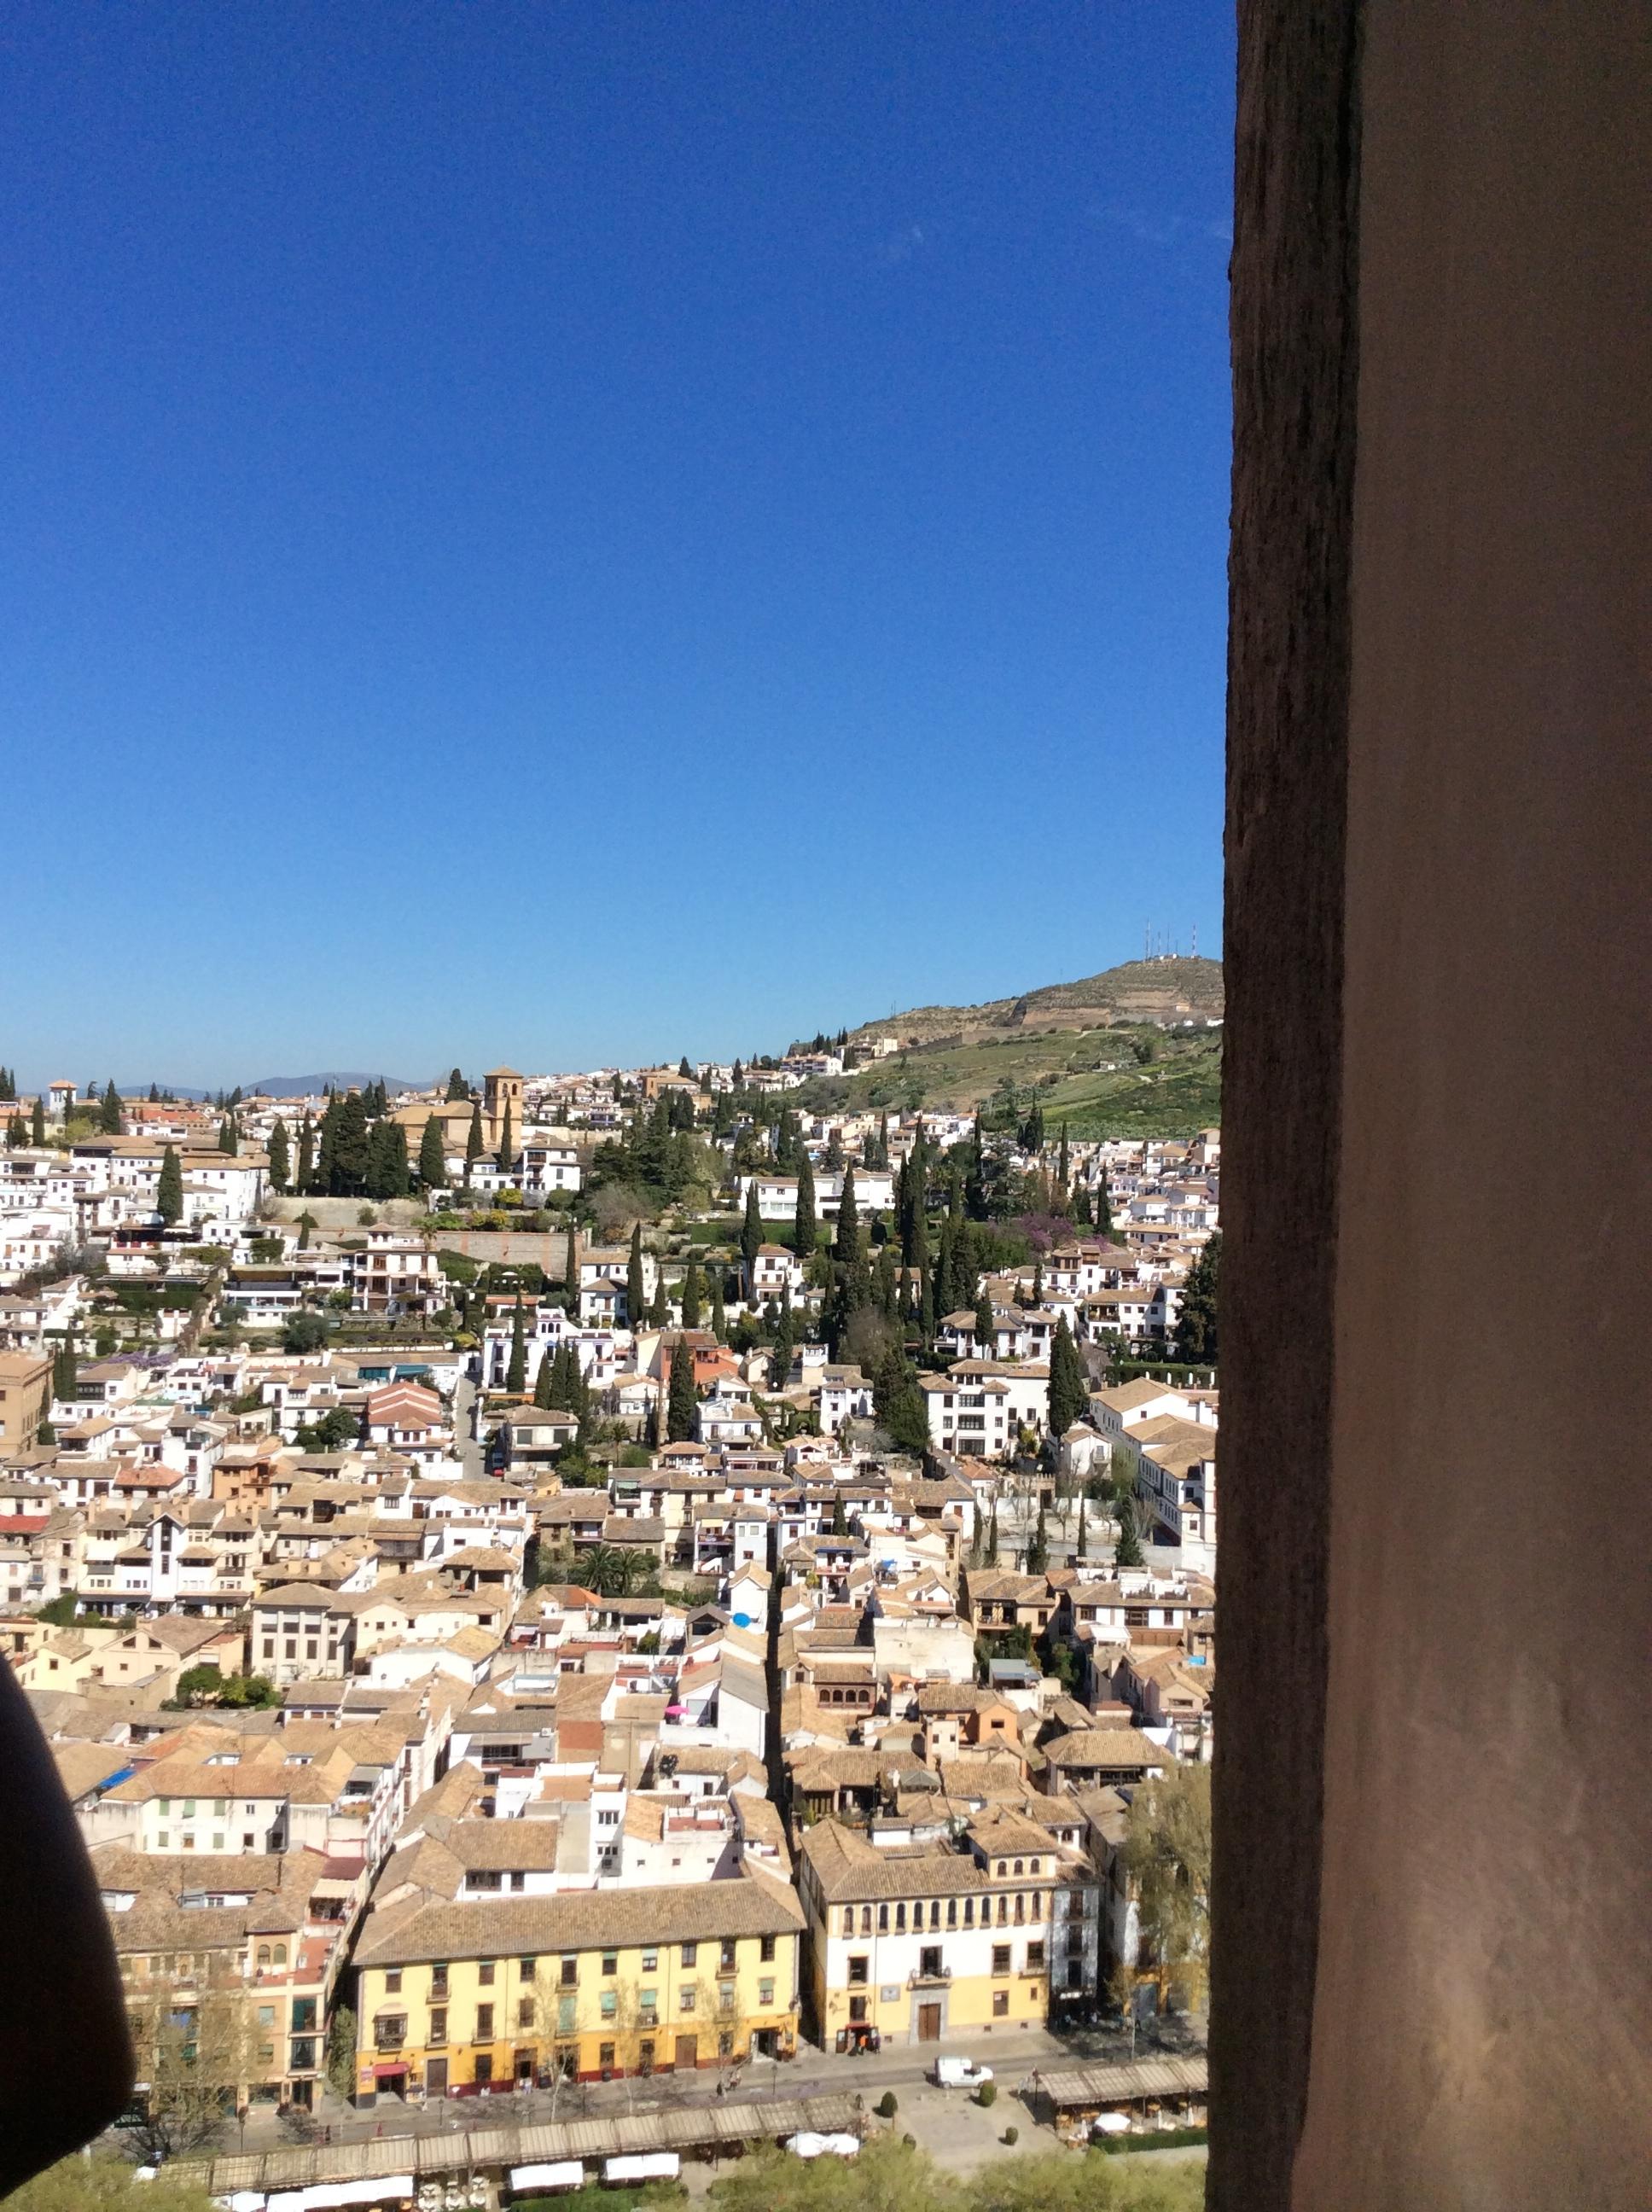 Mirador-Alhambra-Albaycin-Granada